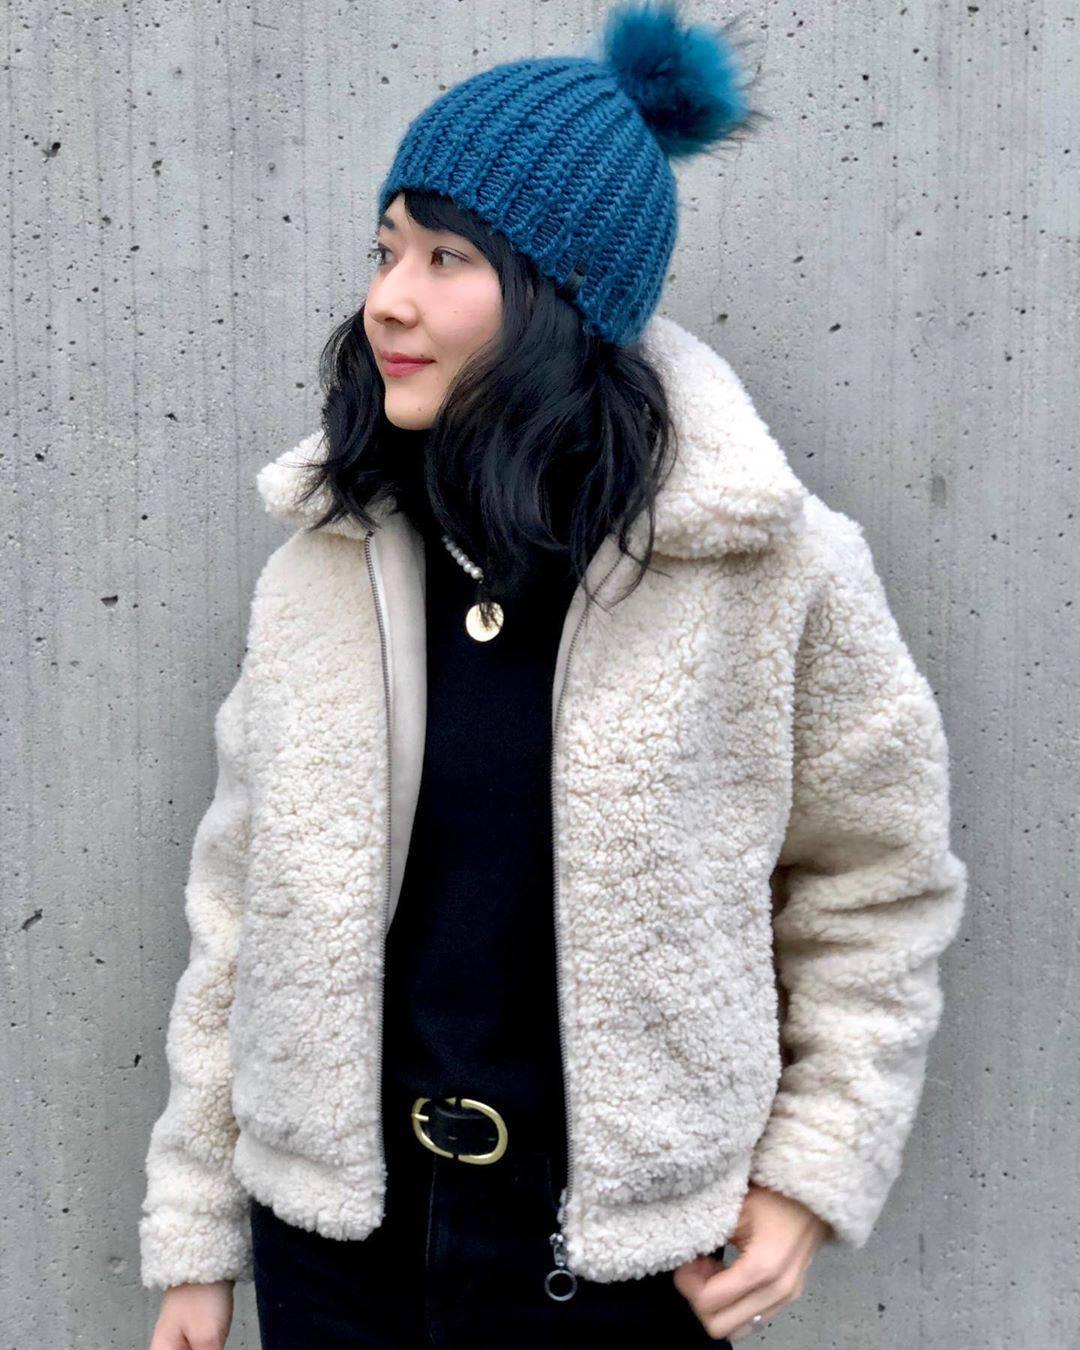 最高気温10度・最低気温2度 i.styleclosetの服装